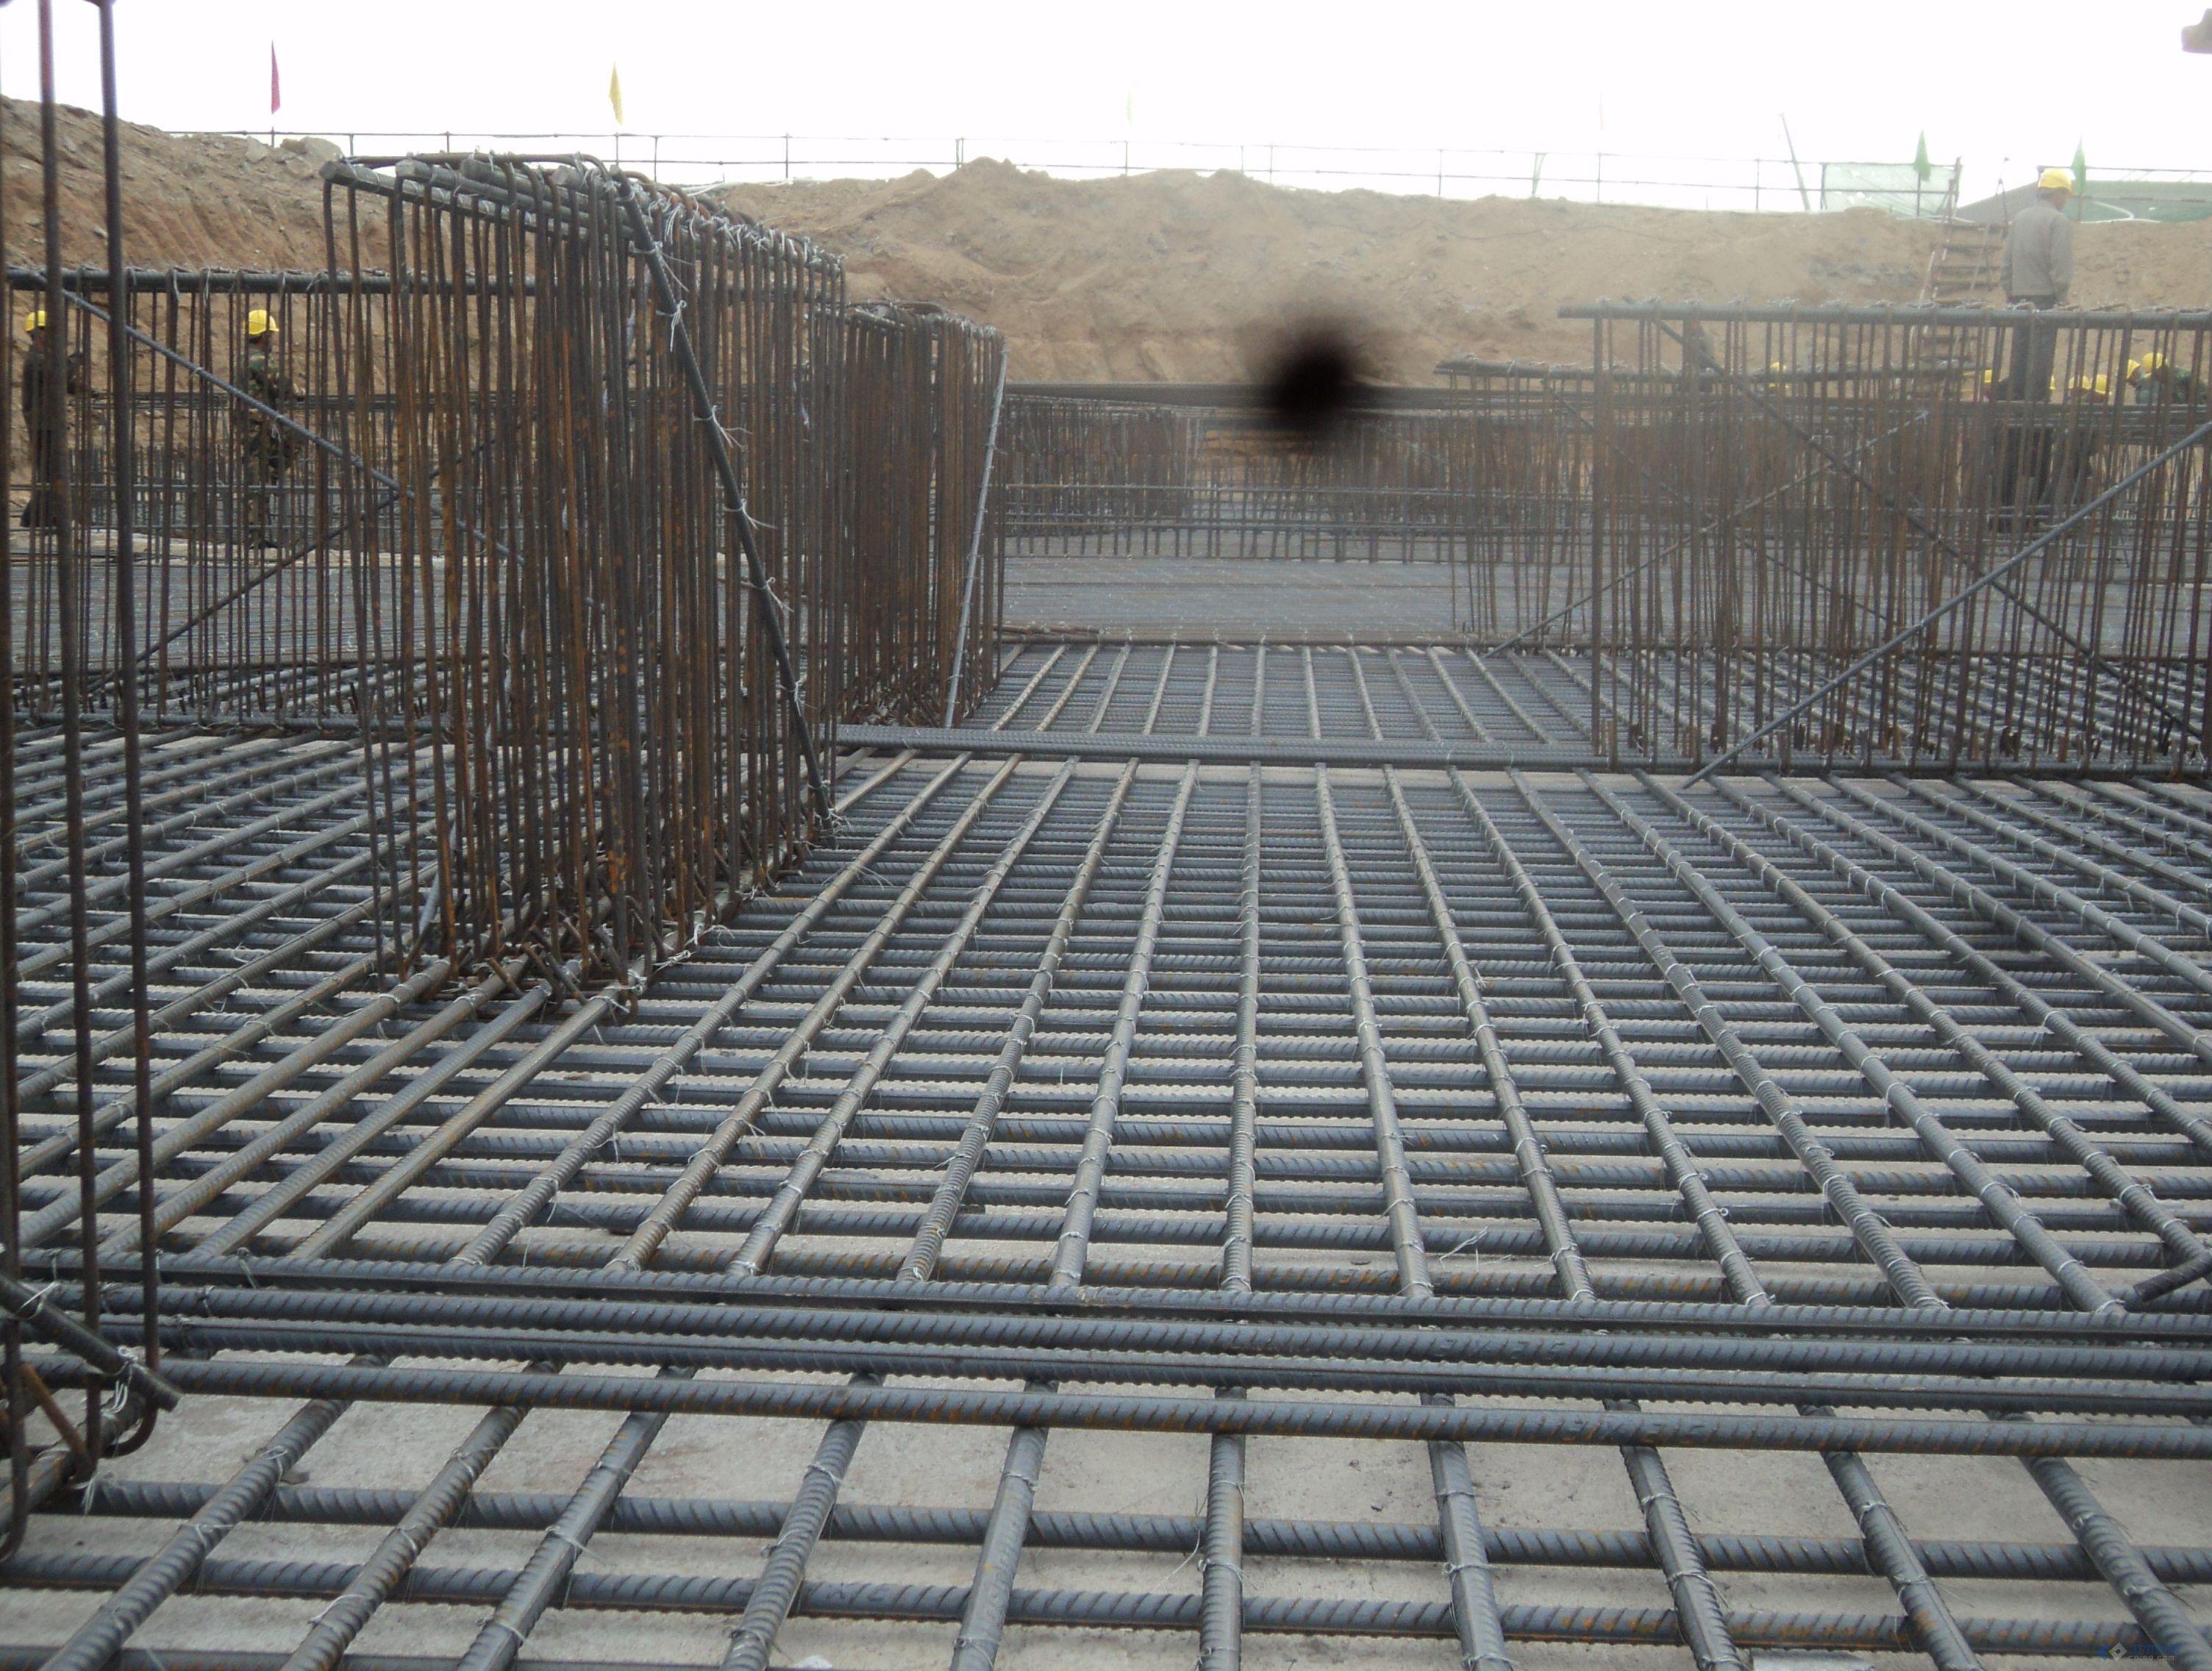 筏板基础底板钢筋与gl梁下层钢筋的问题